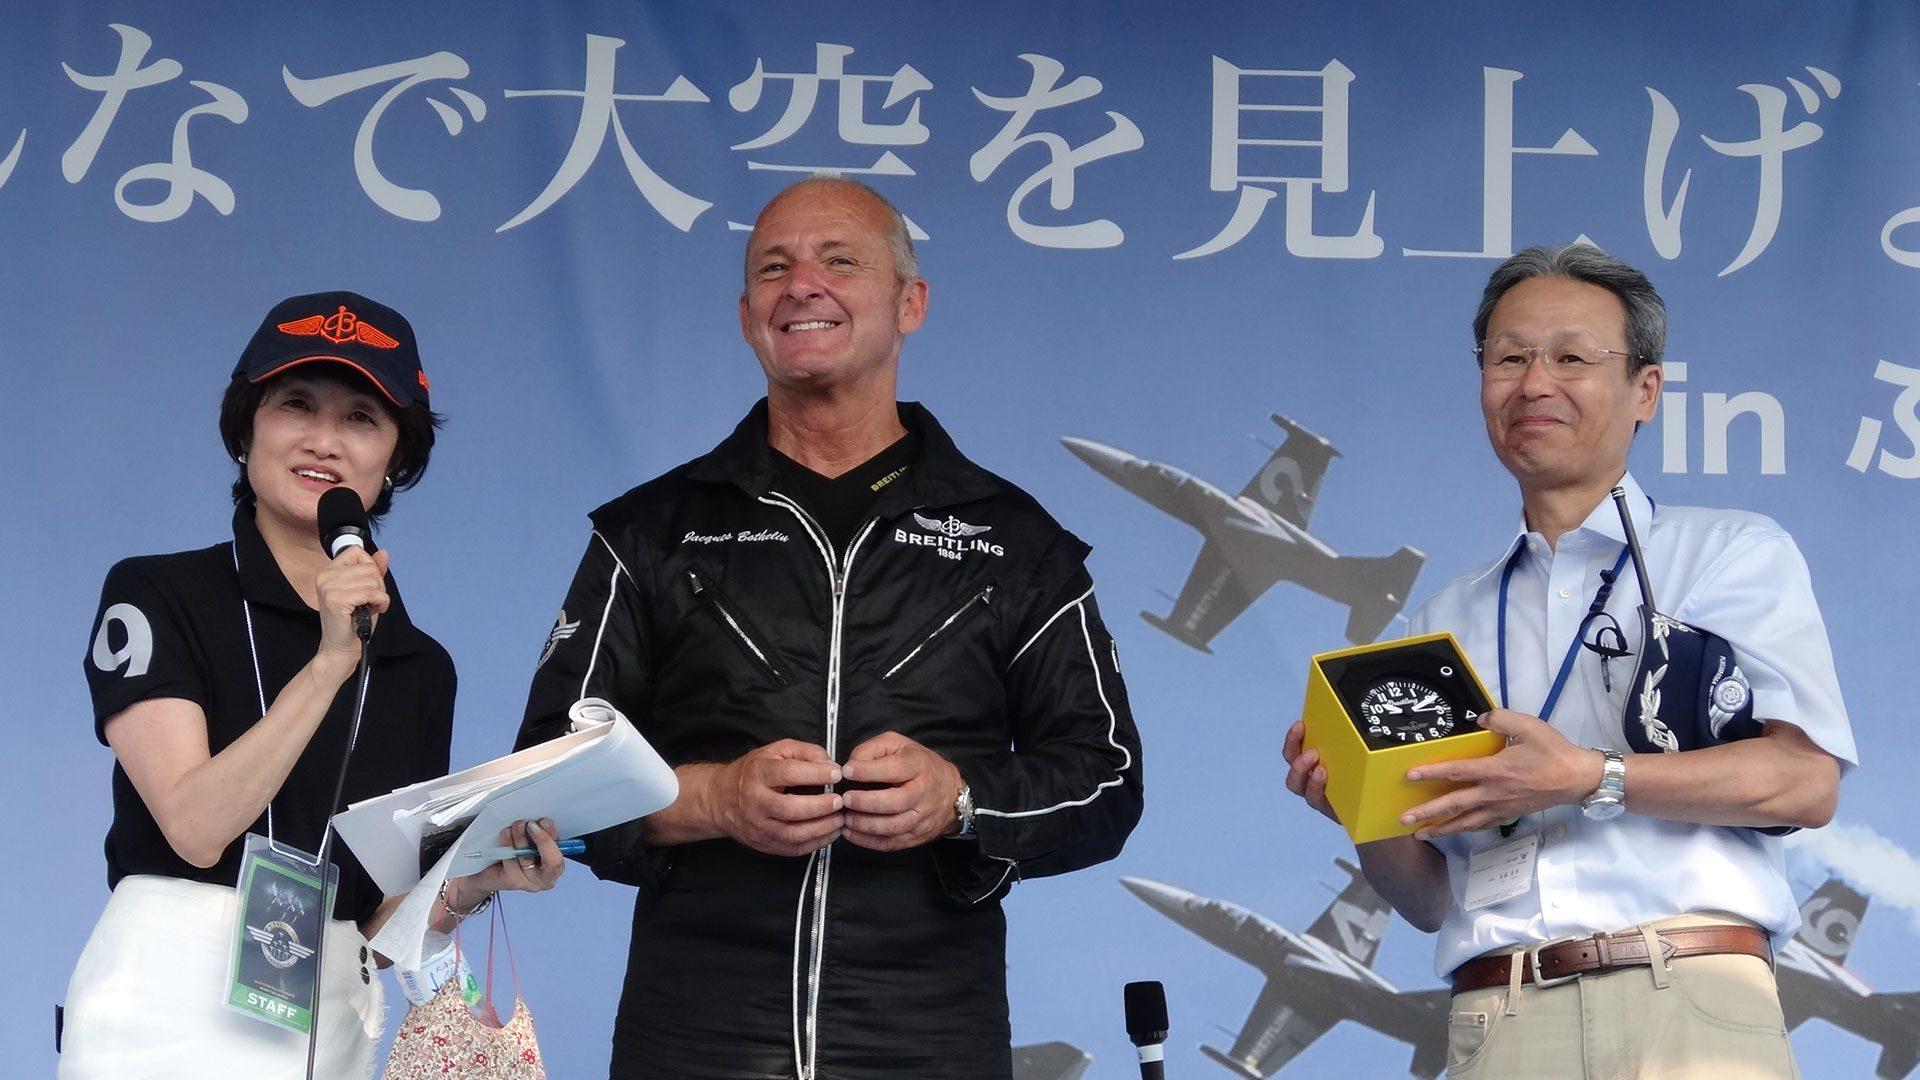 ふくしま飛行協会ホームページ